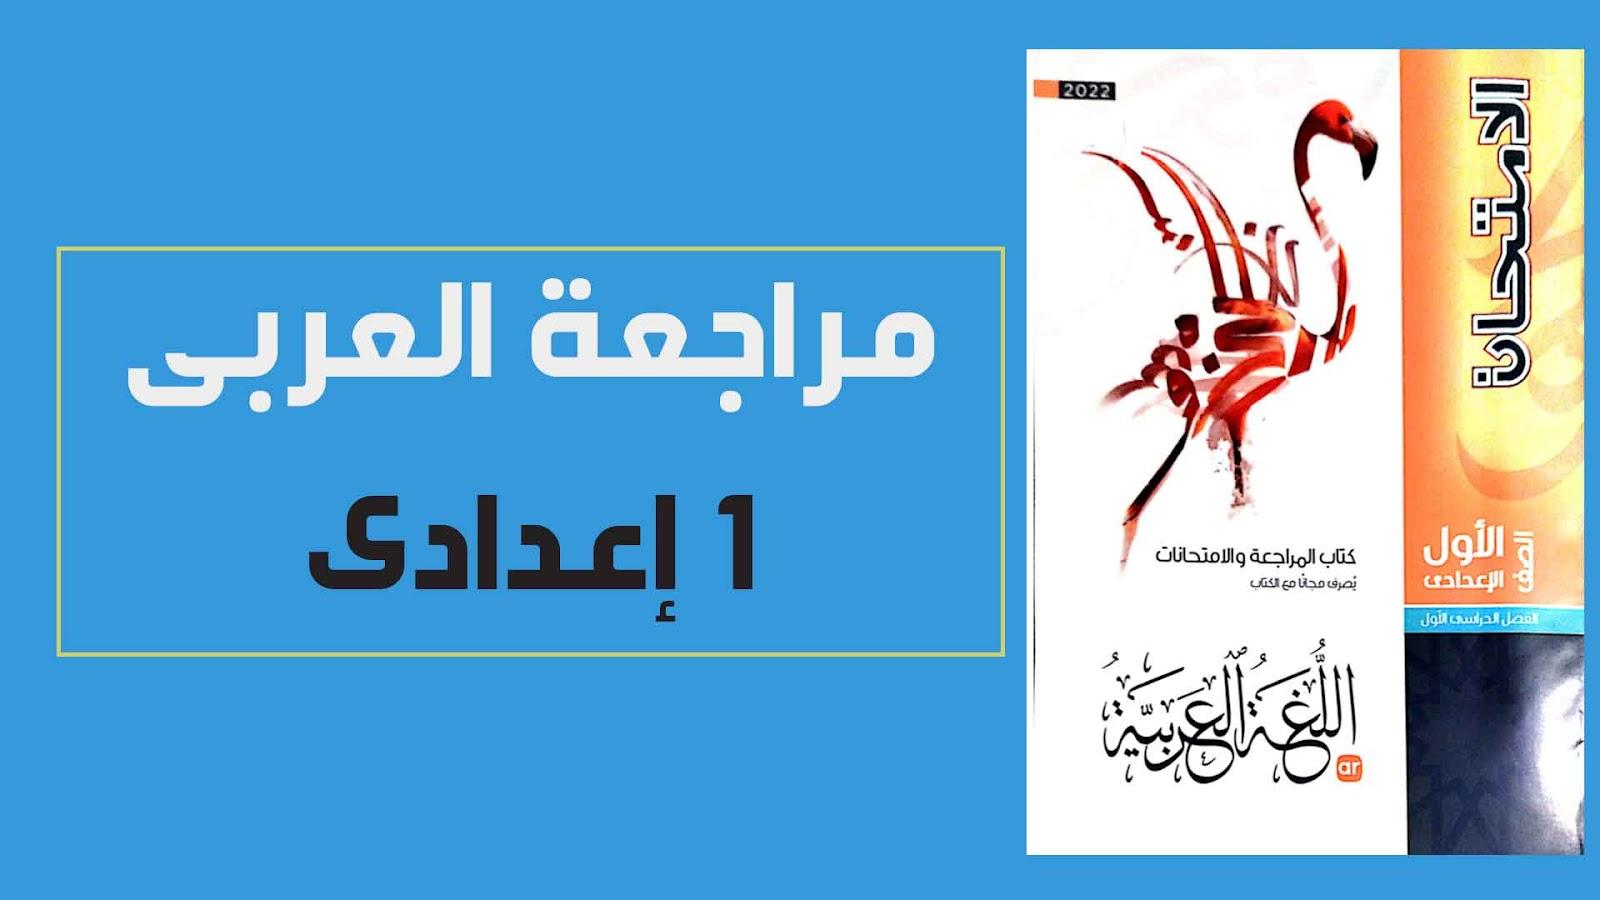 تحميل كتاب الامتحان فى اللغة العربية pdf (كتاب الإمتحانات والأسئلة ) للصف الاول الاعدادى الترم الاول 2022 (النسخة الجديدة)